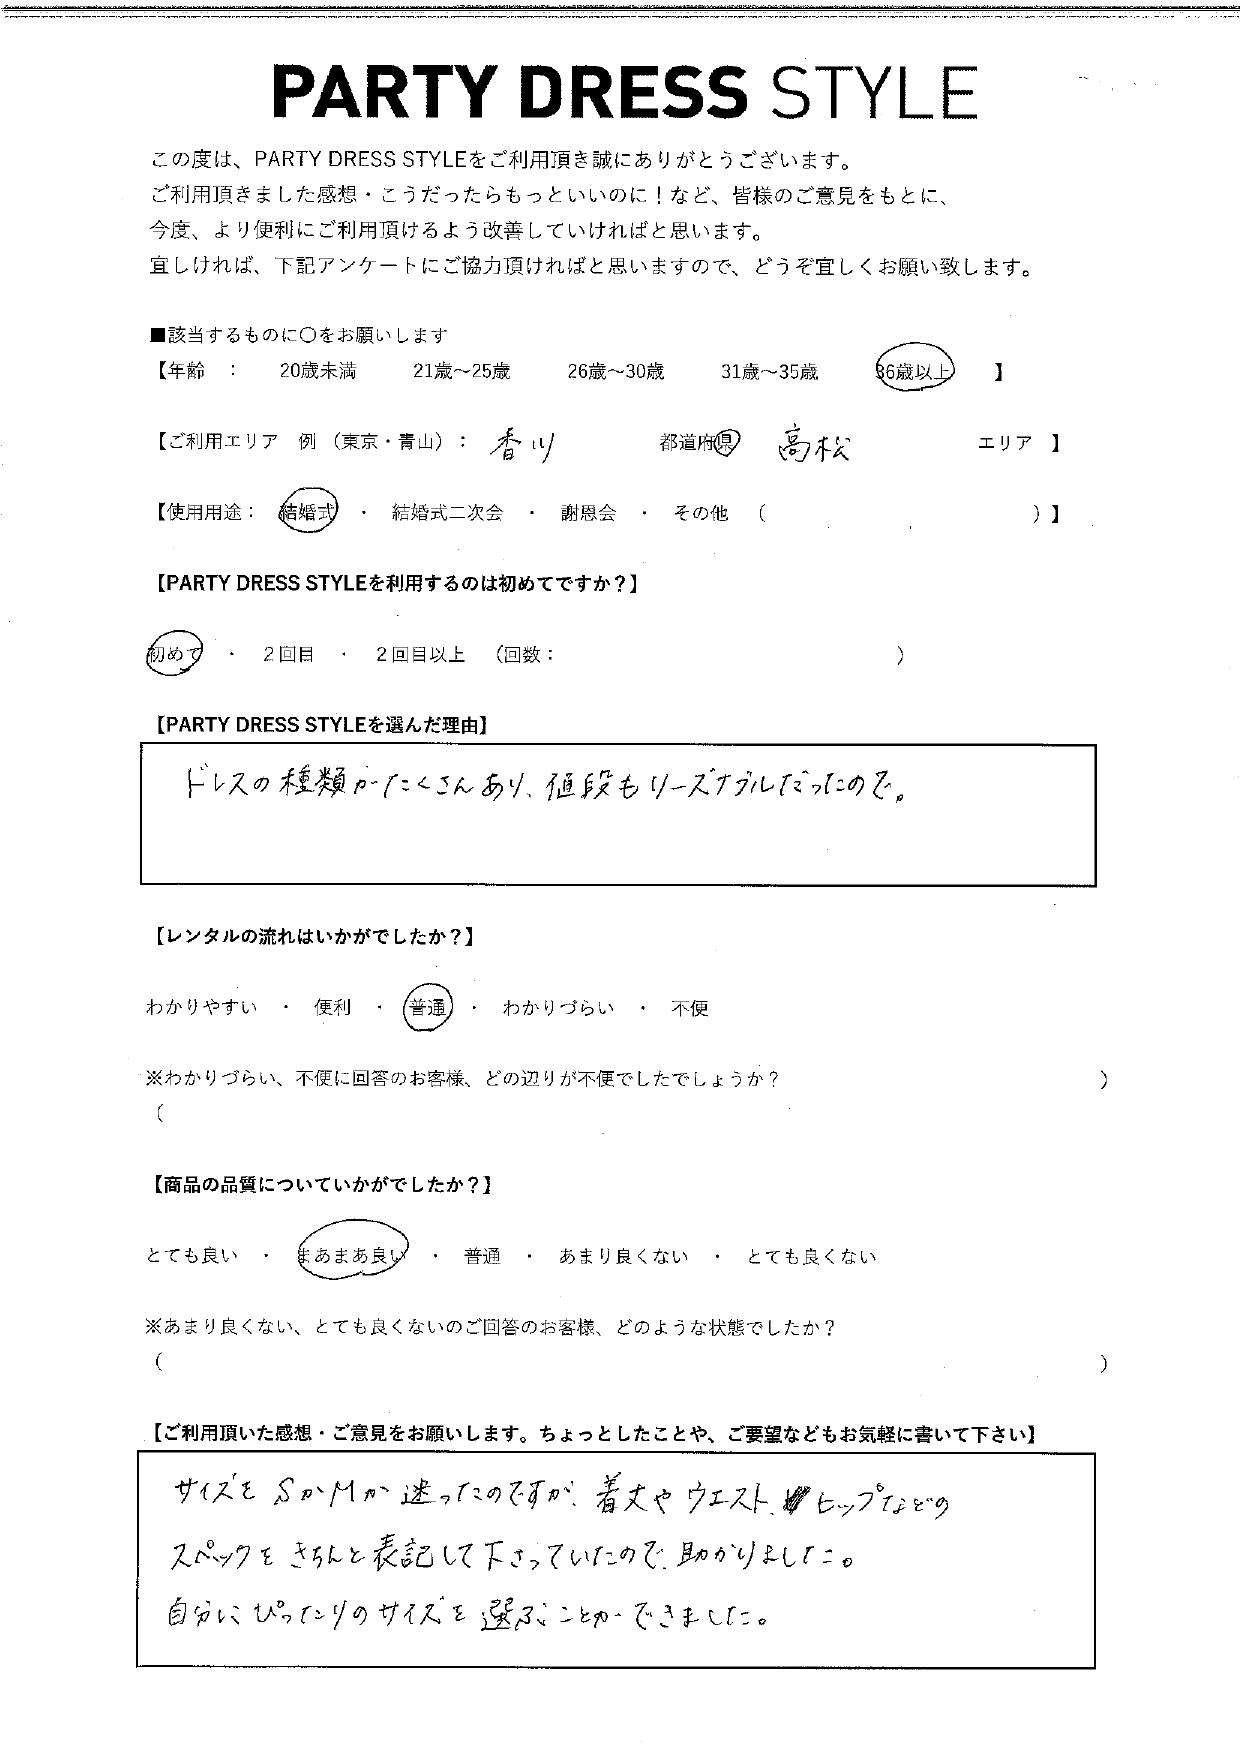 9/25結婚式ご利用 香川・高松エリア